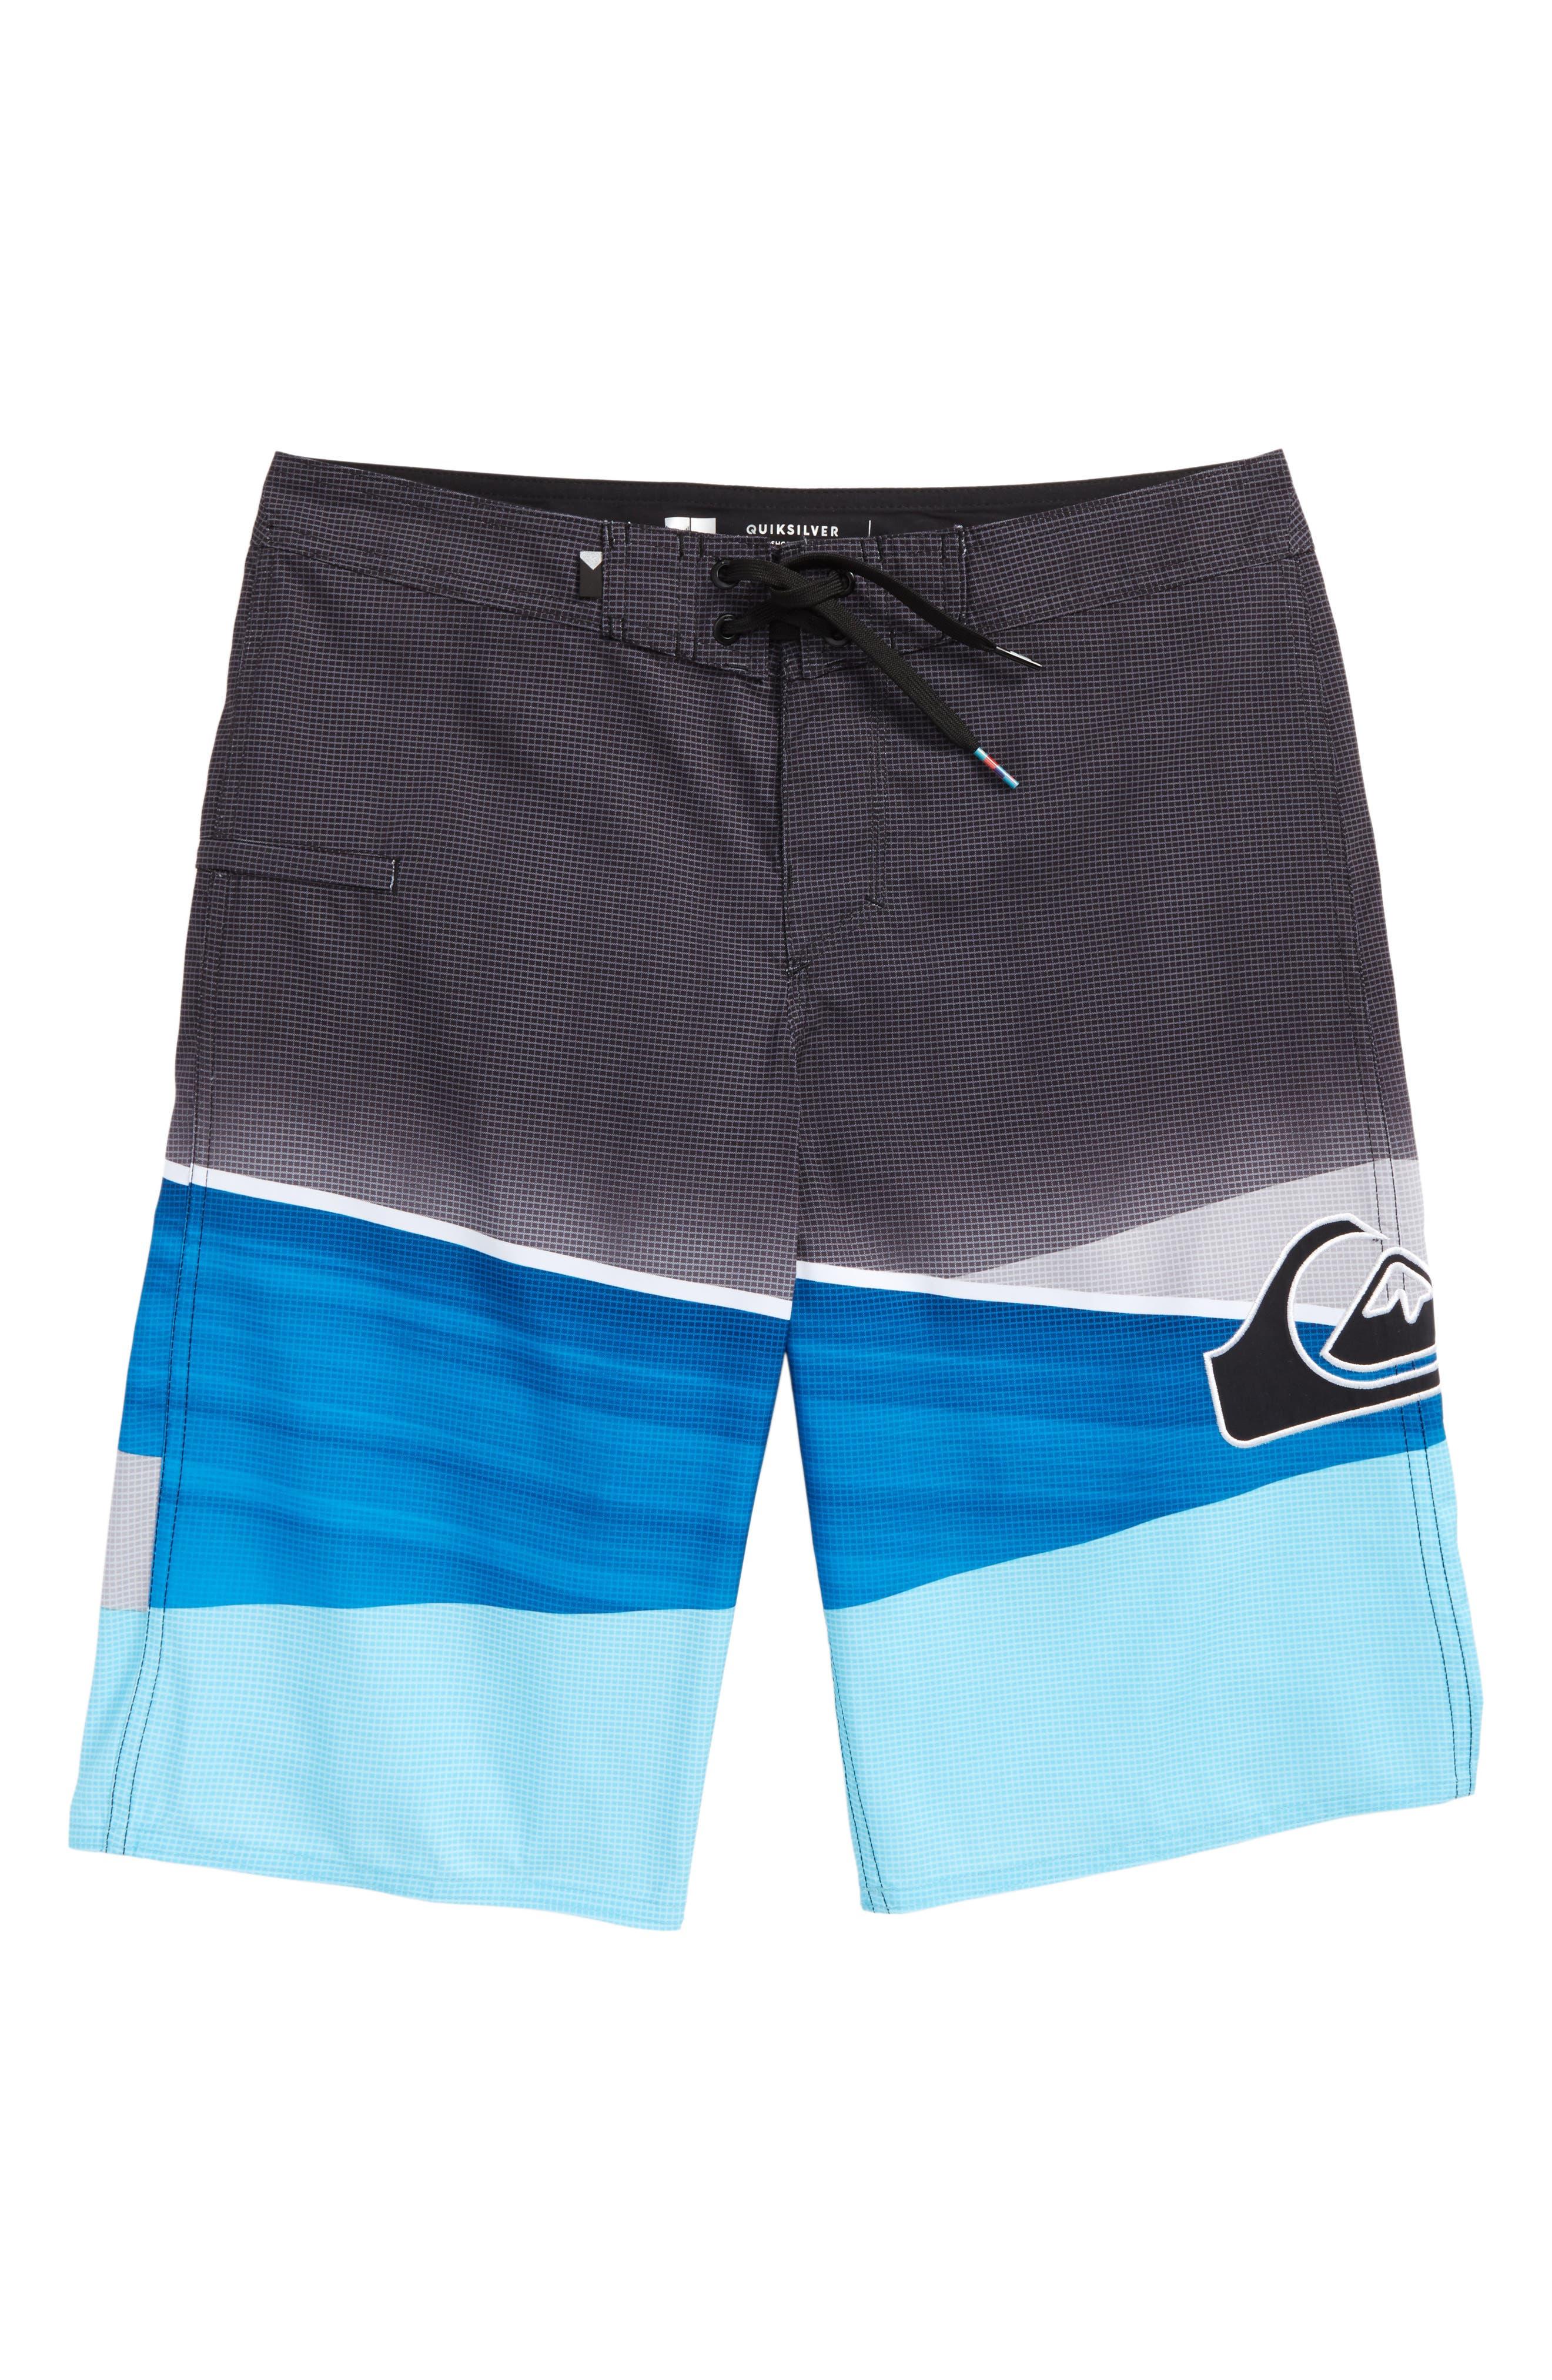 Quiksilver Slash Logo Board Shorts (Big Boys)